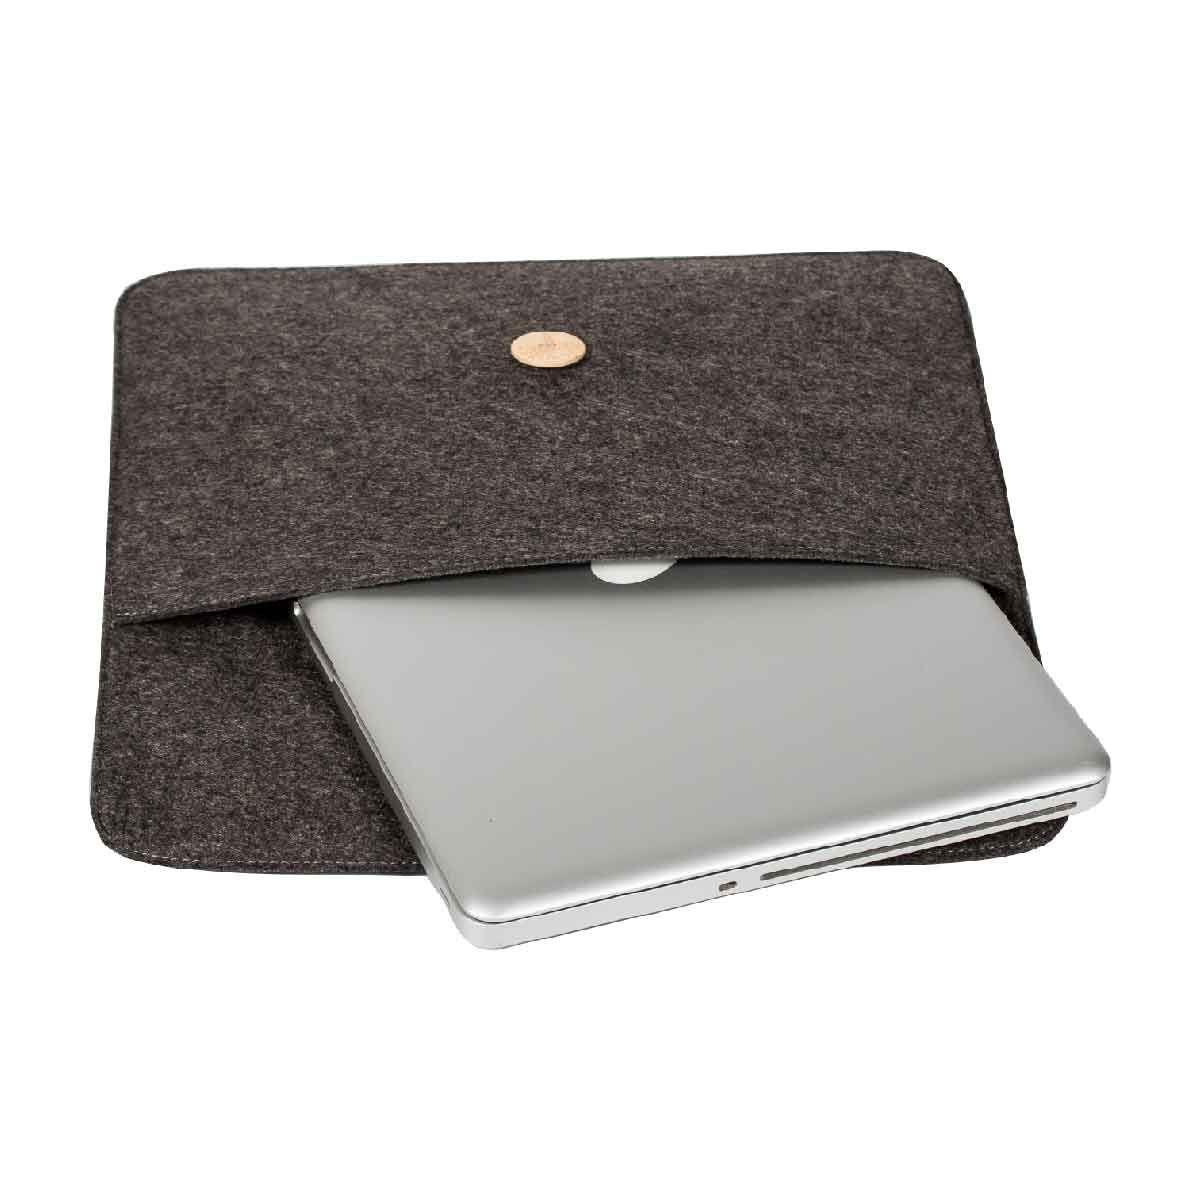 pas mal 7c866 01550 Housse pour ordinateur portable 13 pouces